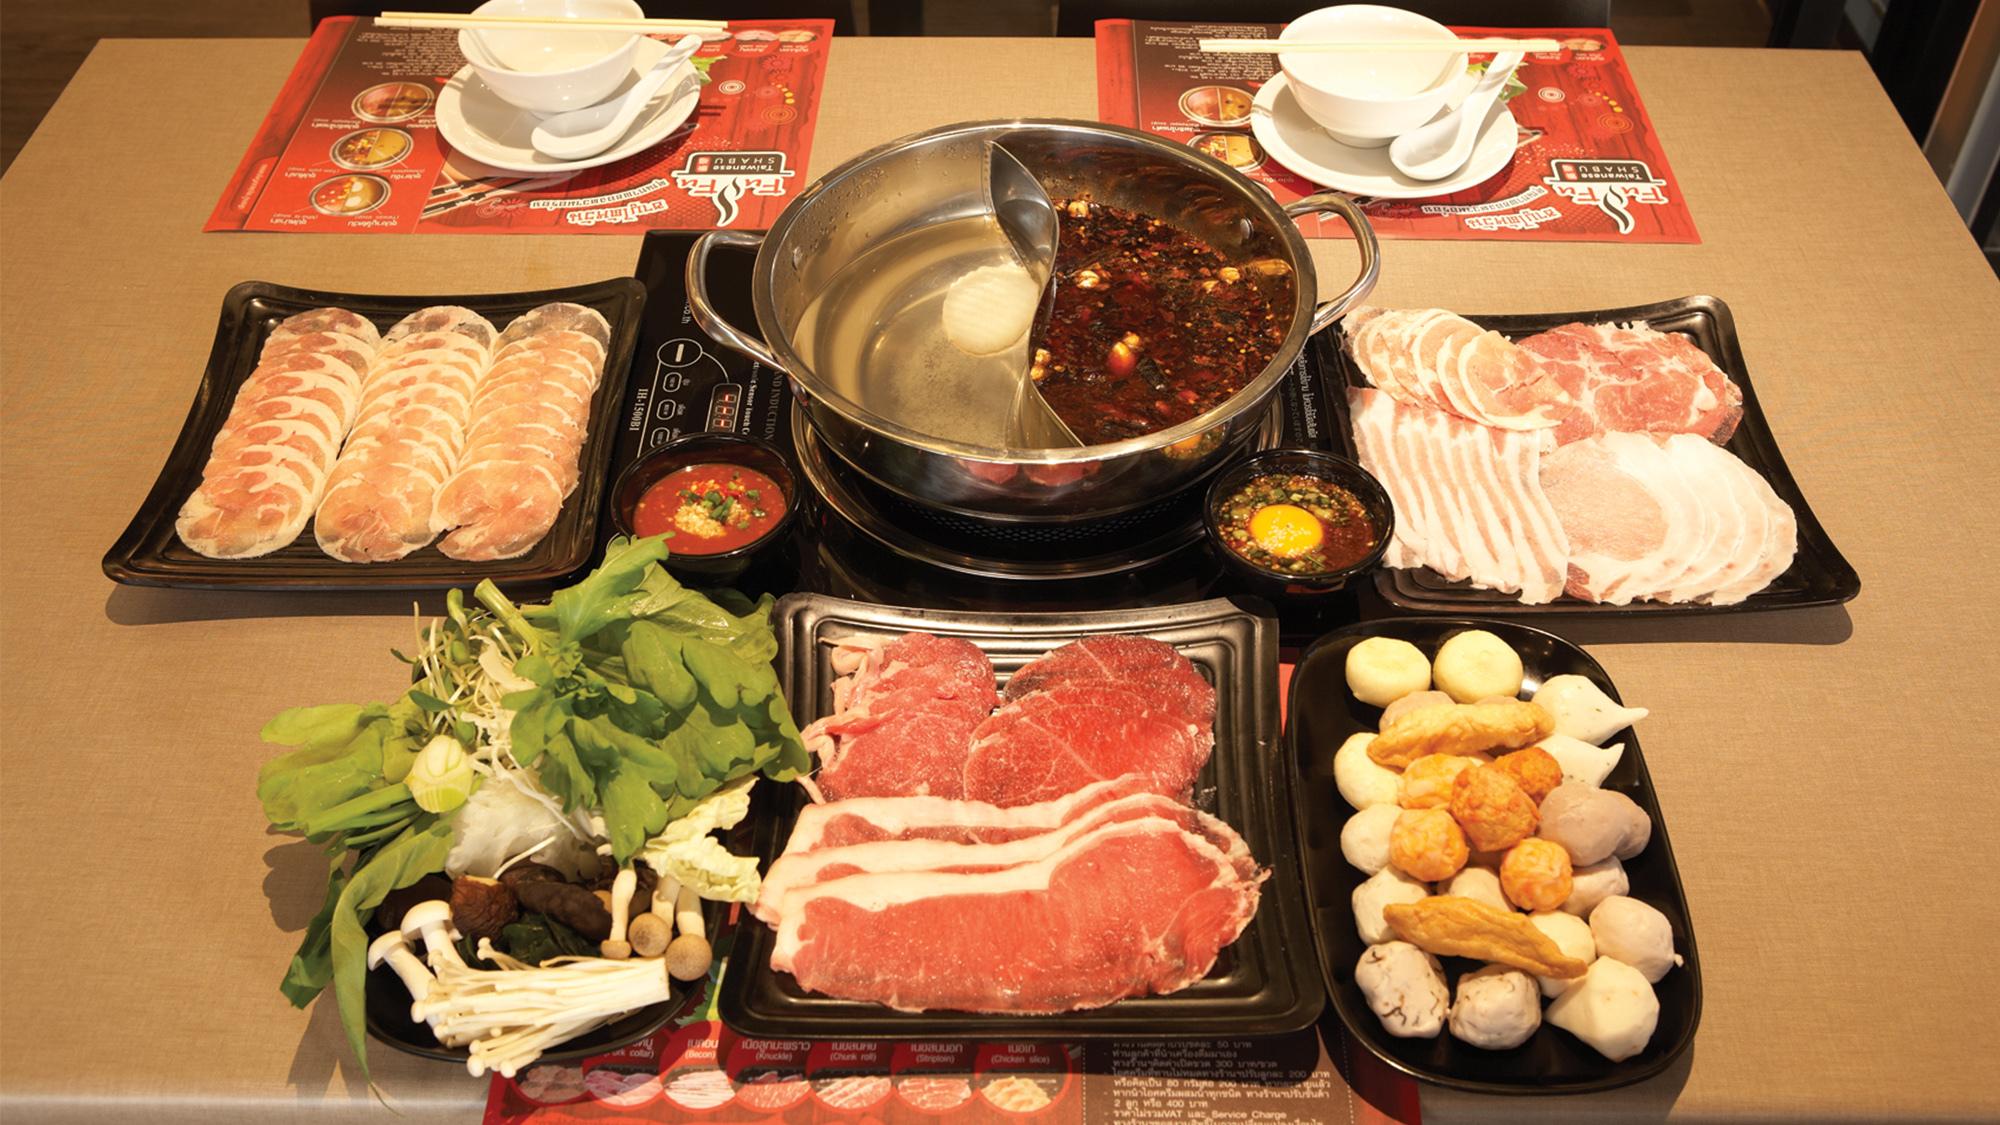 ฟู่ฟู่ชาบู FuFu Taiwanese Shabu สไตล์ไต้หวัน บนโต๊ะ